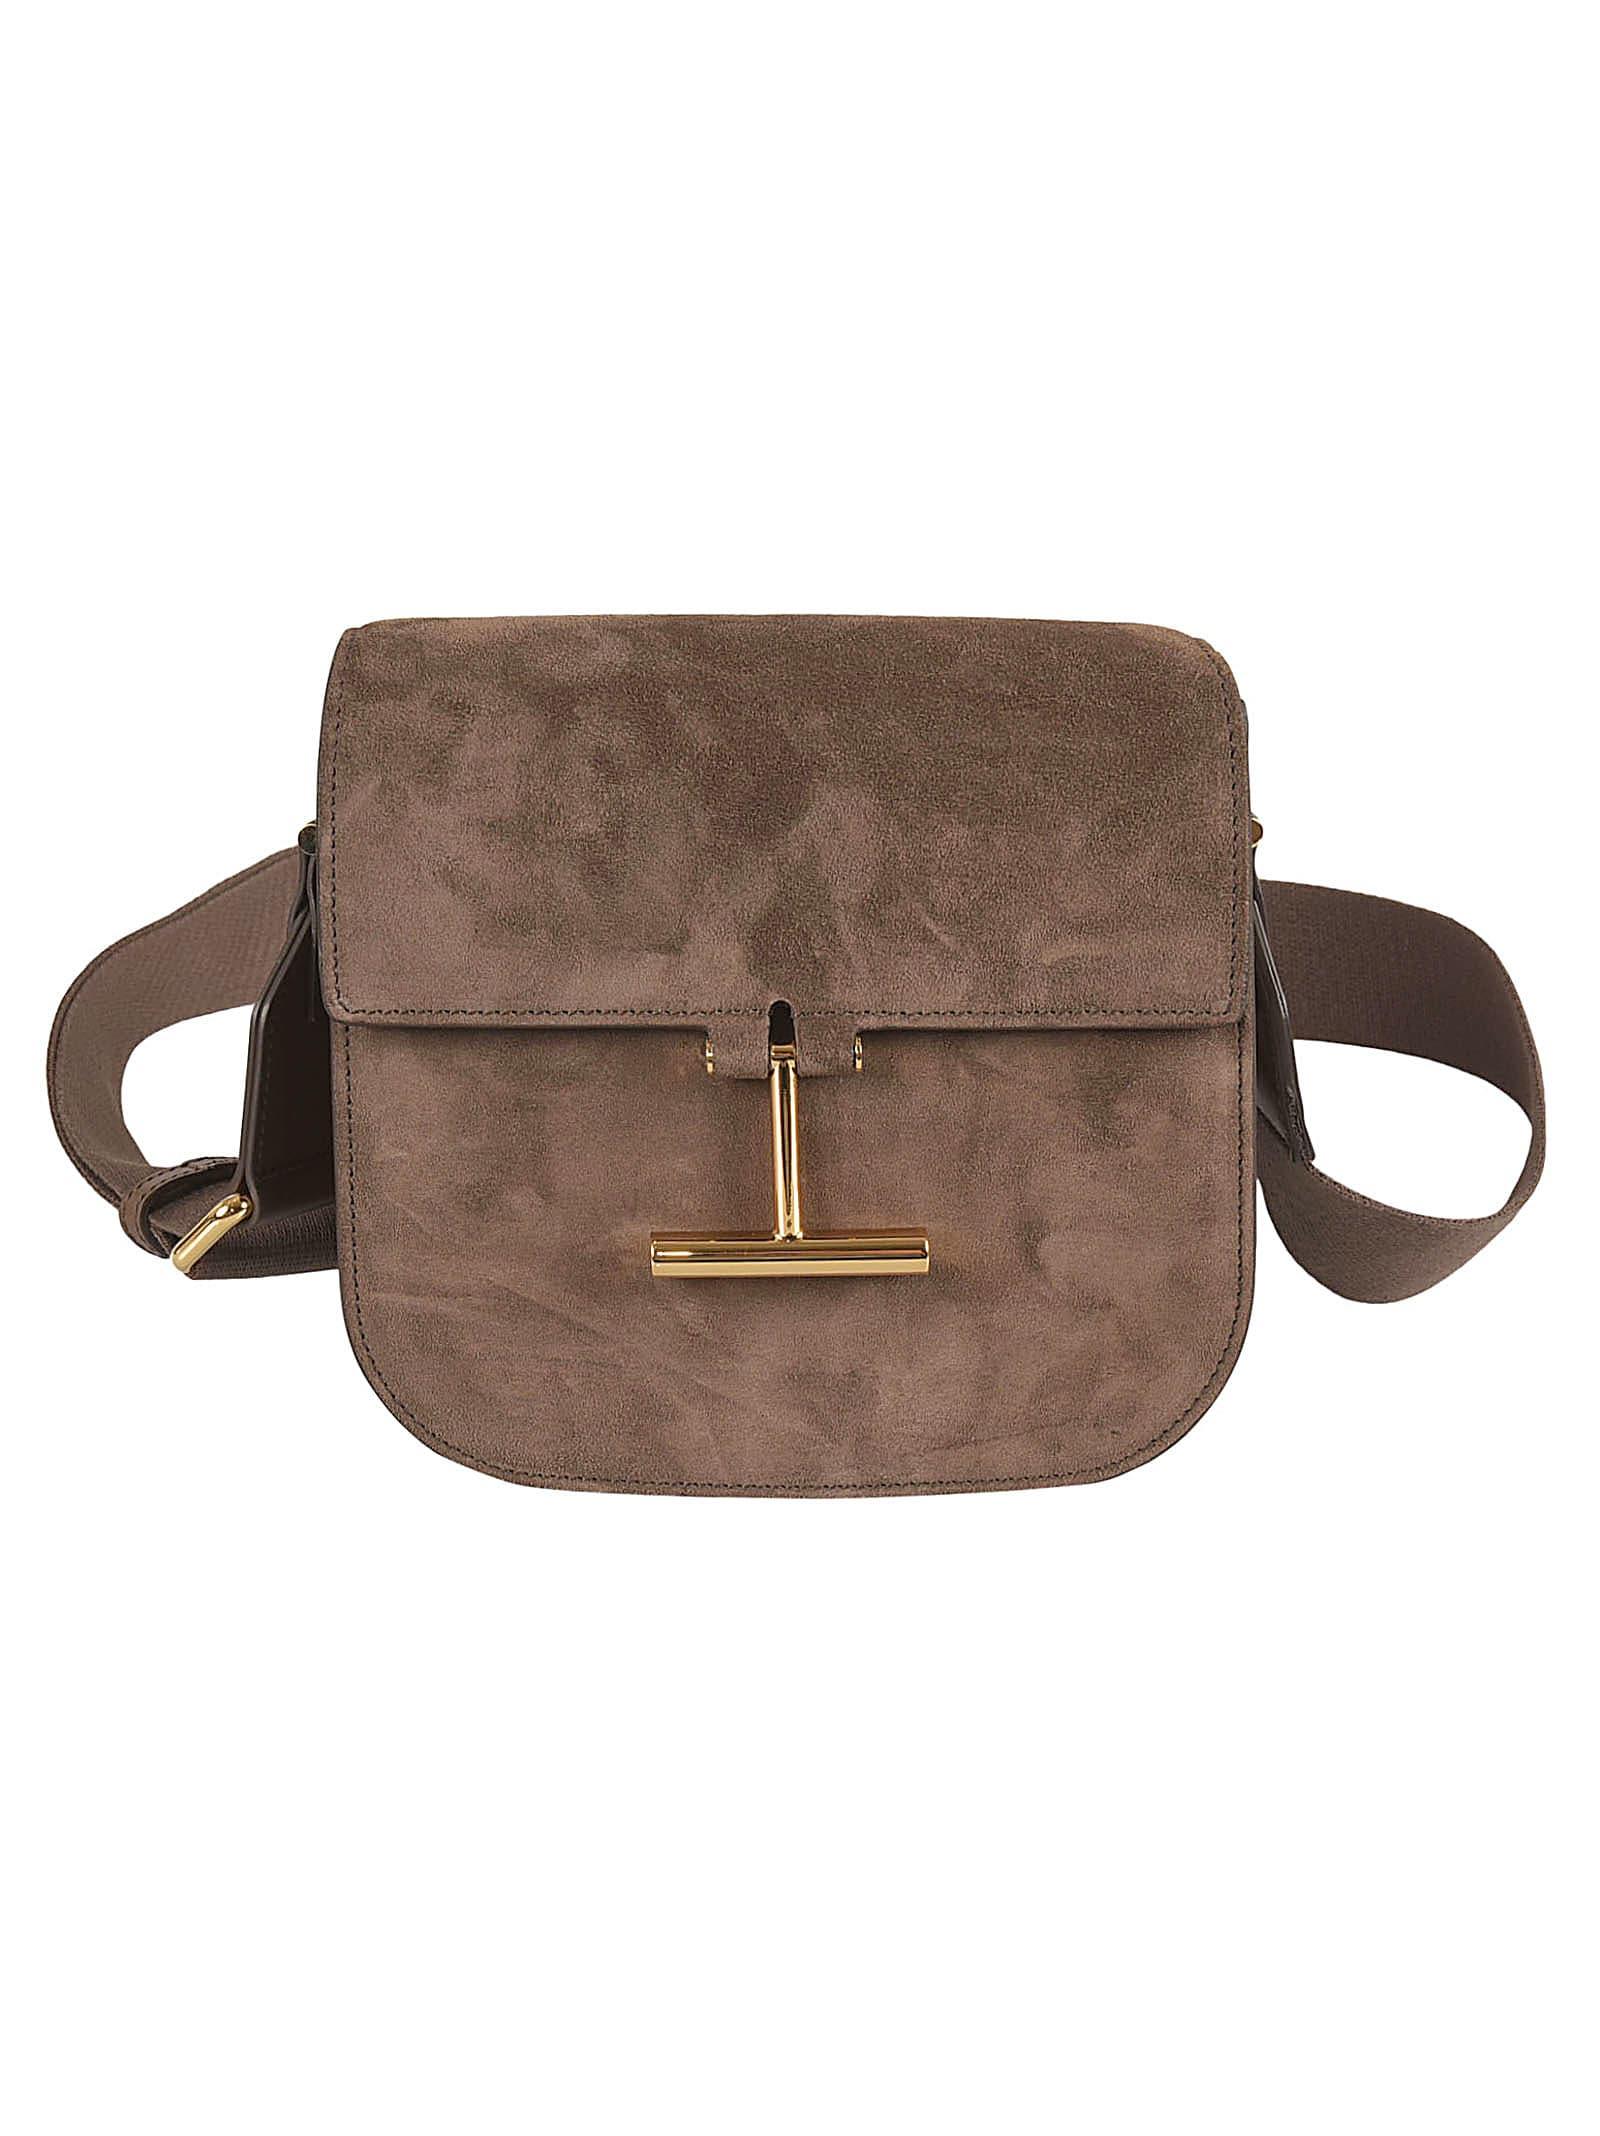 Tom Ford Flap Shoulder Bag In Brown